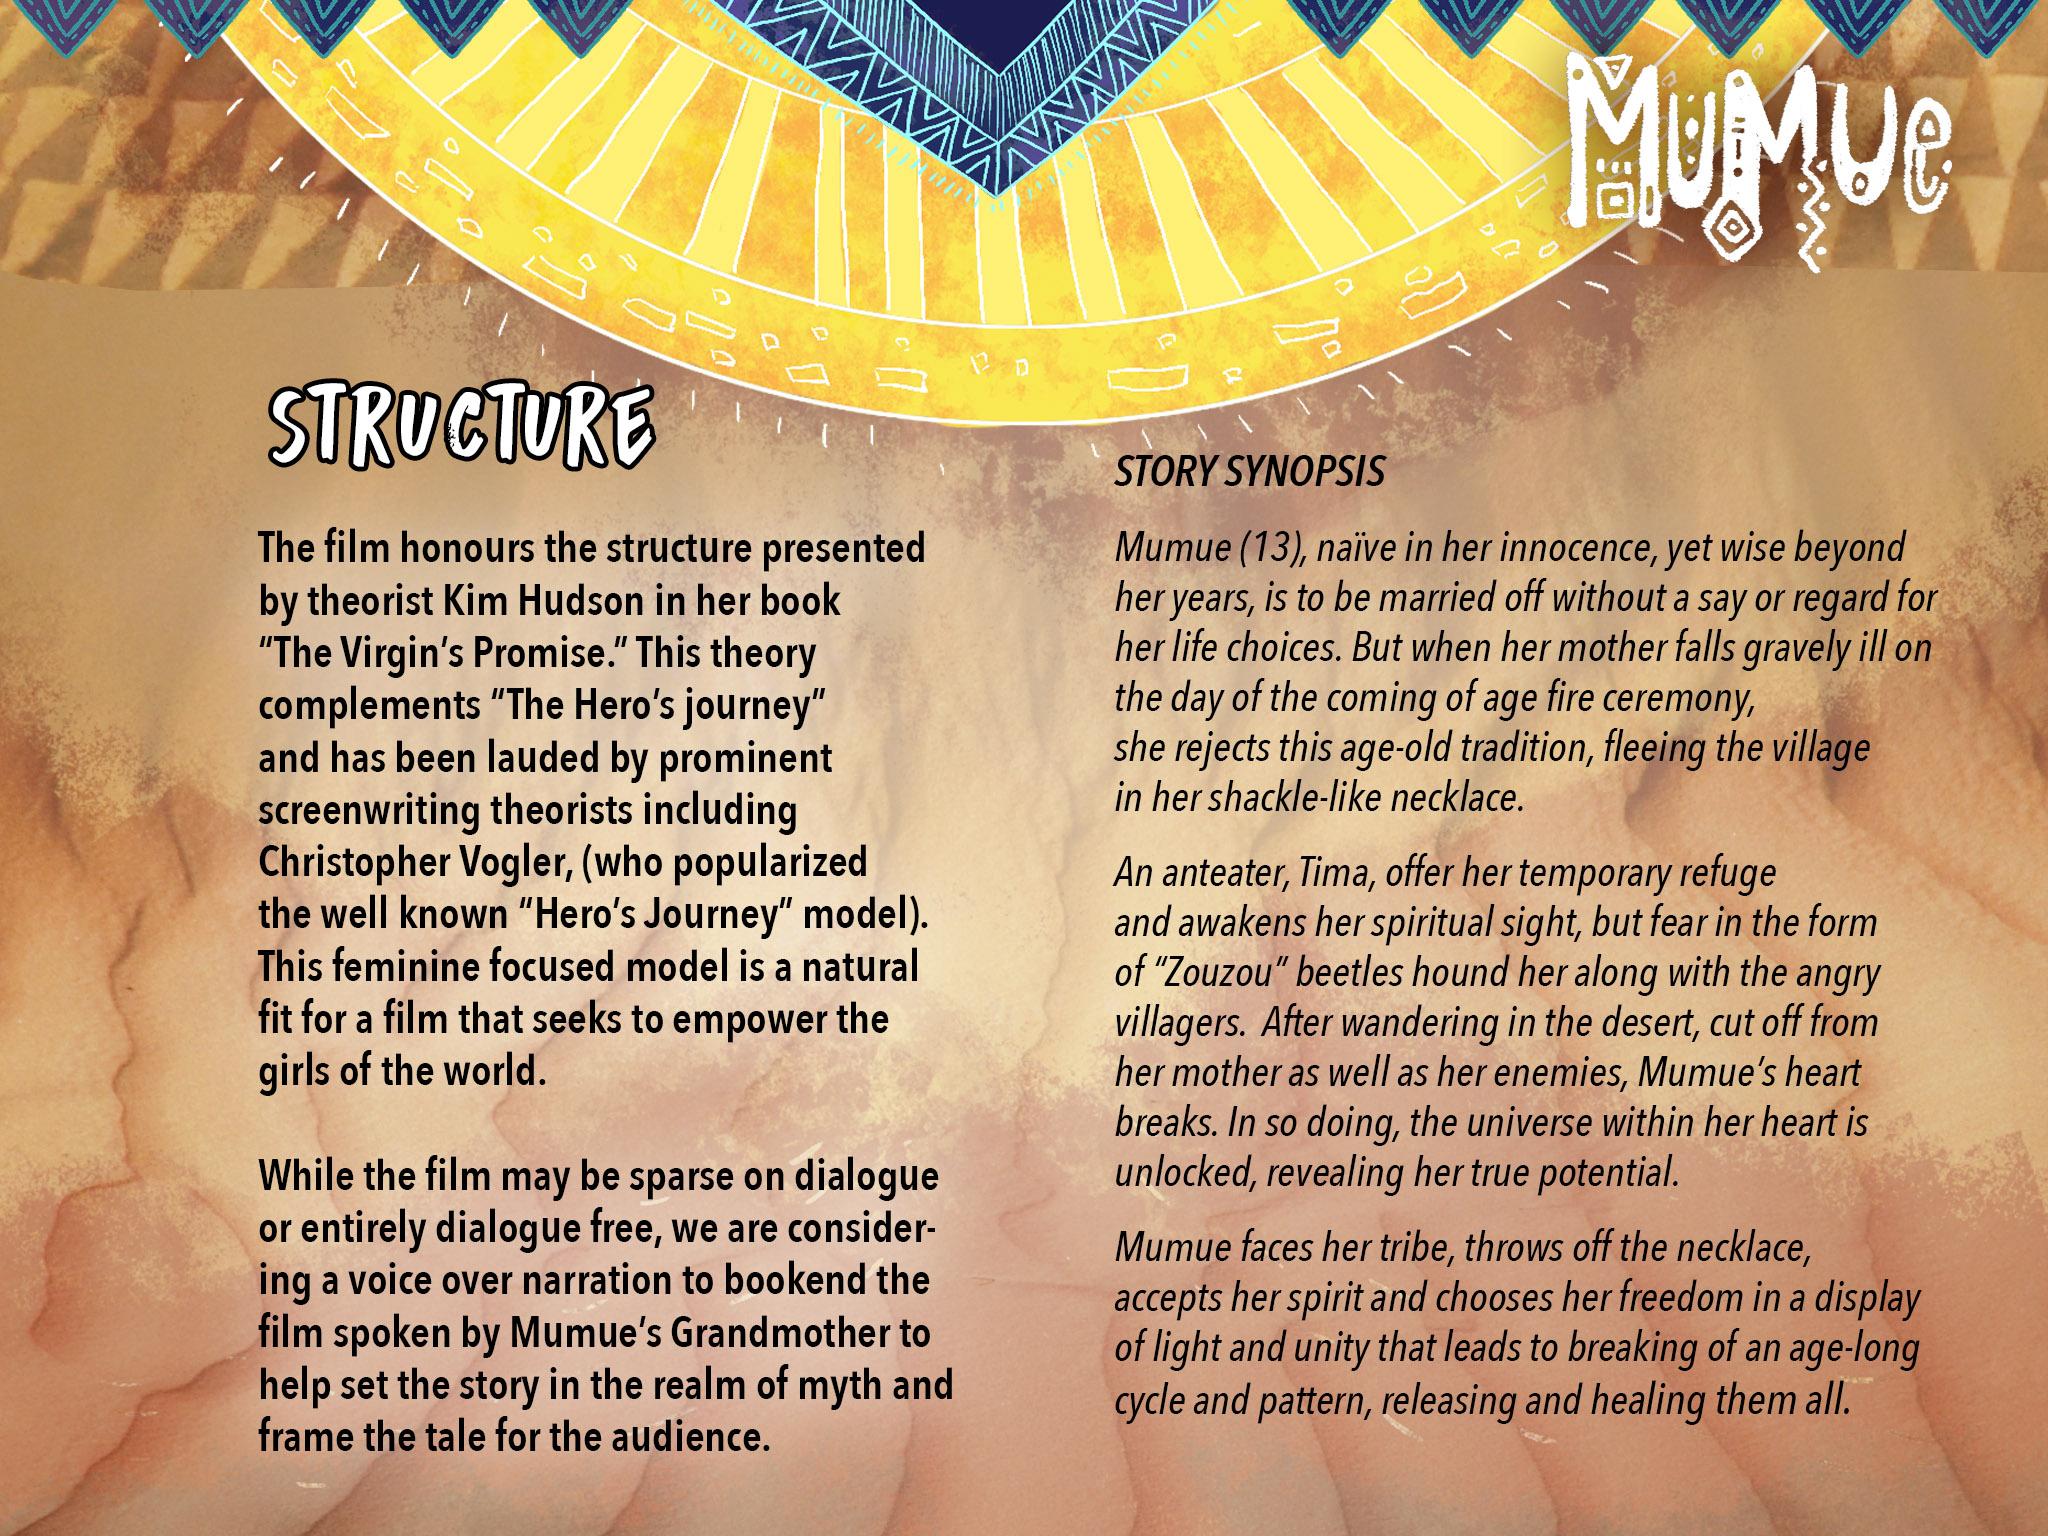 MUMUE_bible 11 17 pg 5